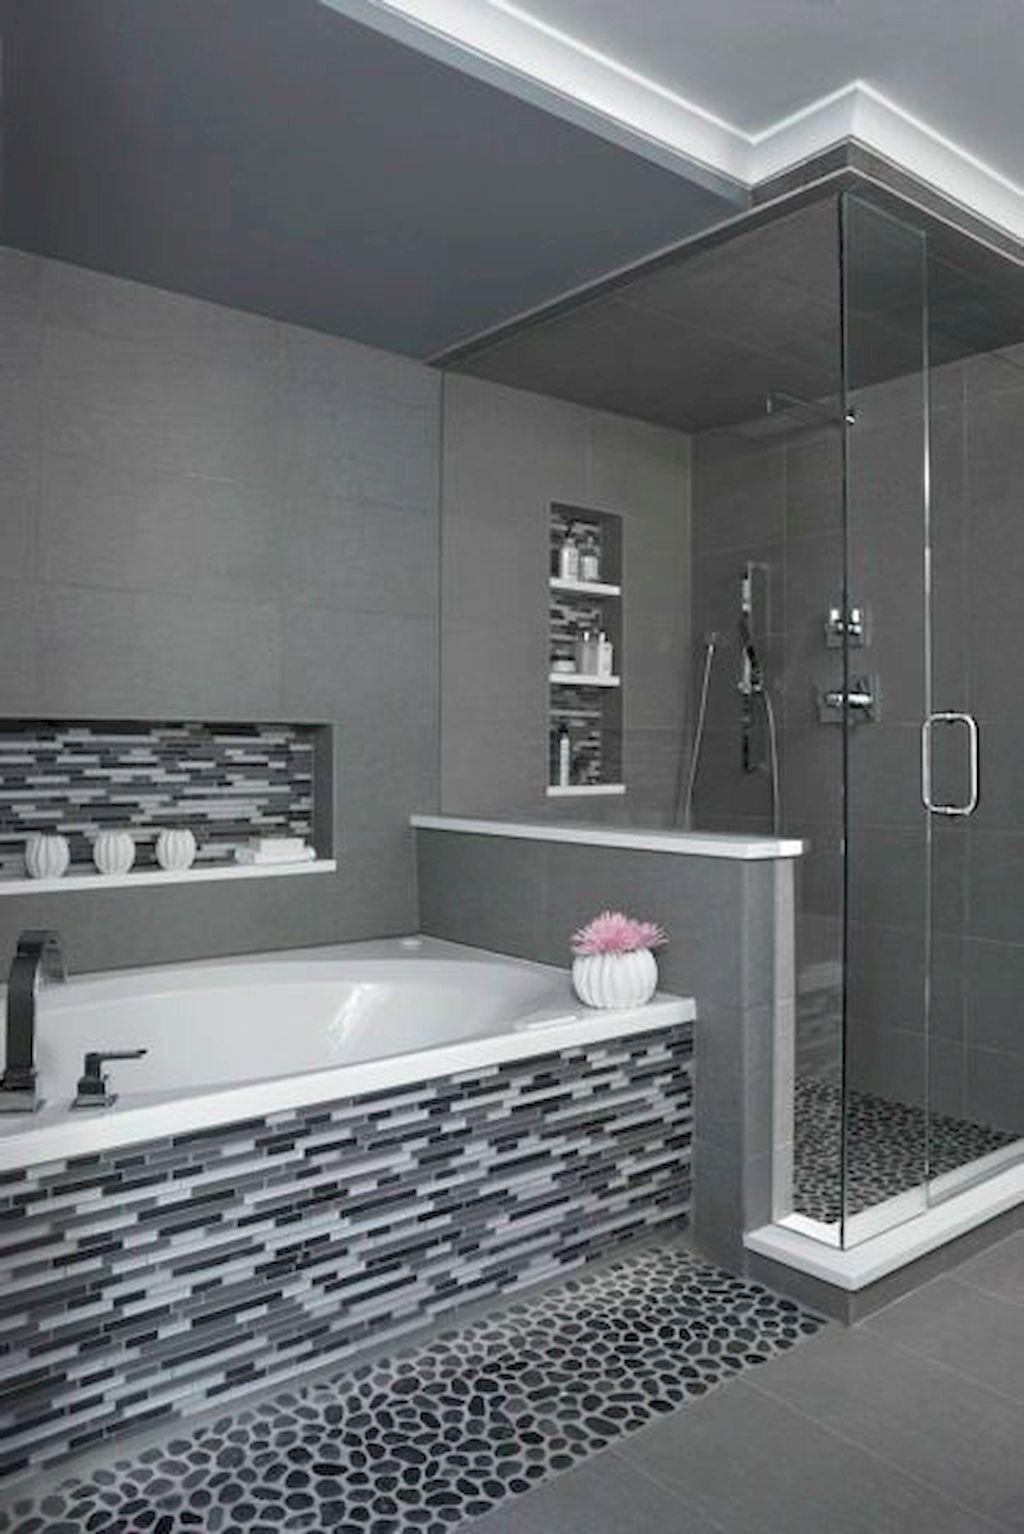 تنفيذ افخم ديكورات الحمامات الحديثة للتواصل الاتصال بالرقم 0096171170181تعهدات ديكورات ش Bathroom Remodel Shower Small Bathroom Remodel Bathroom Remodel Master